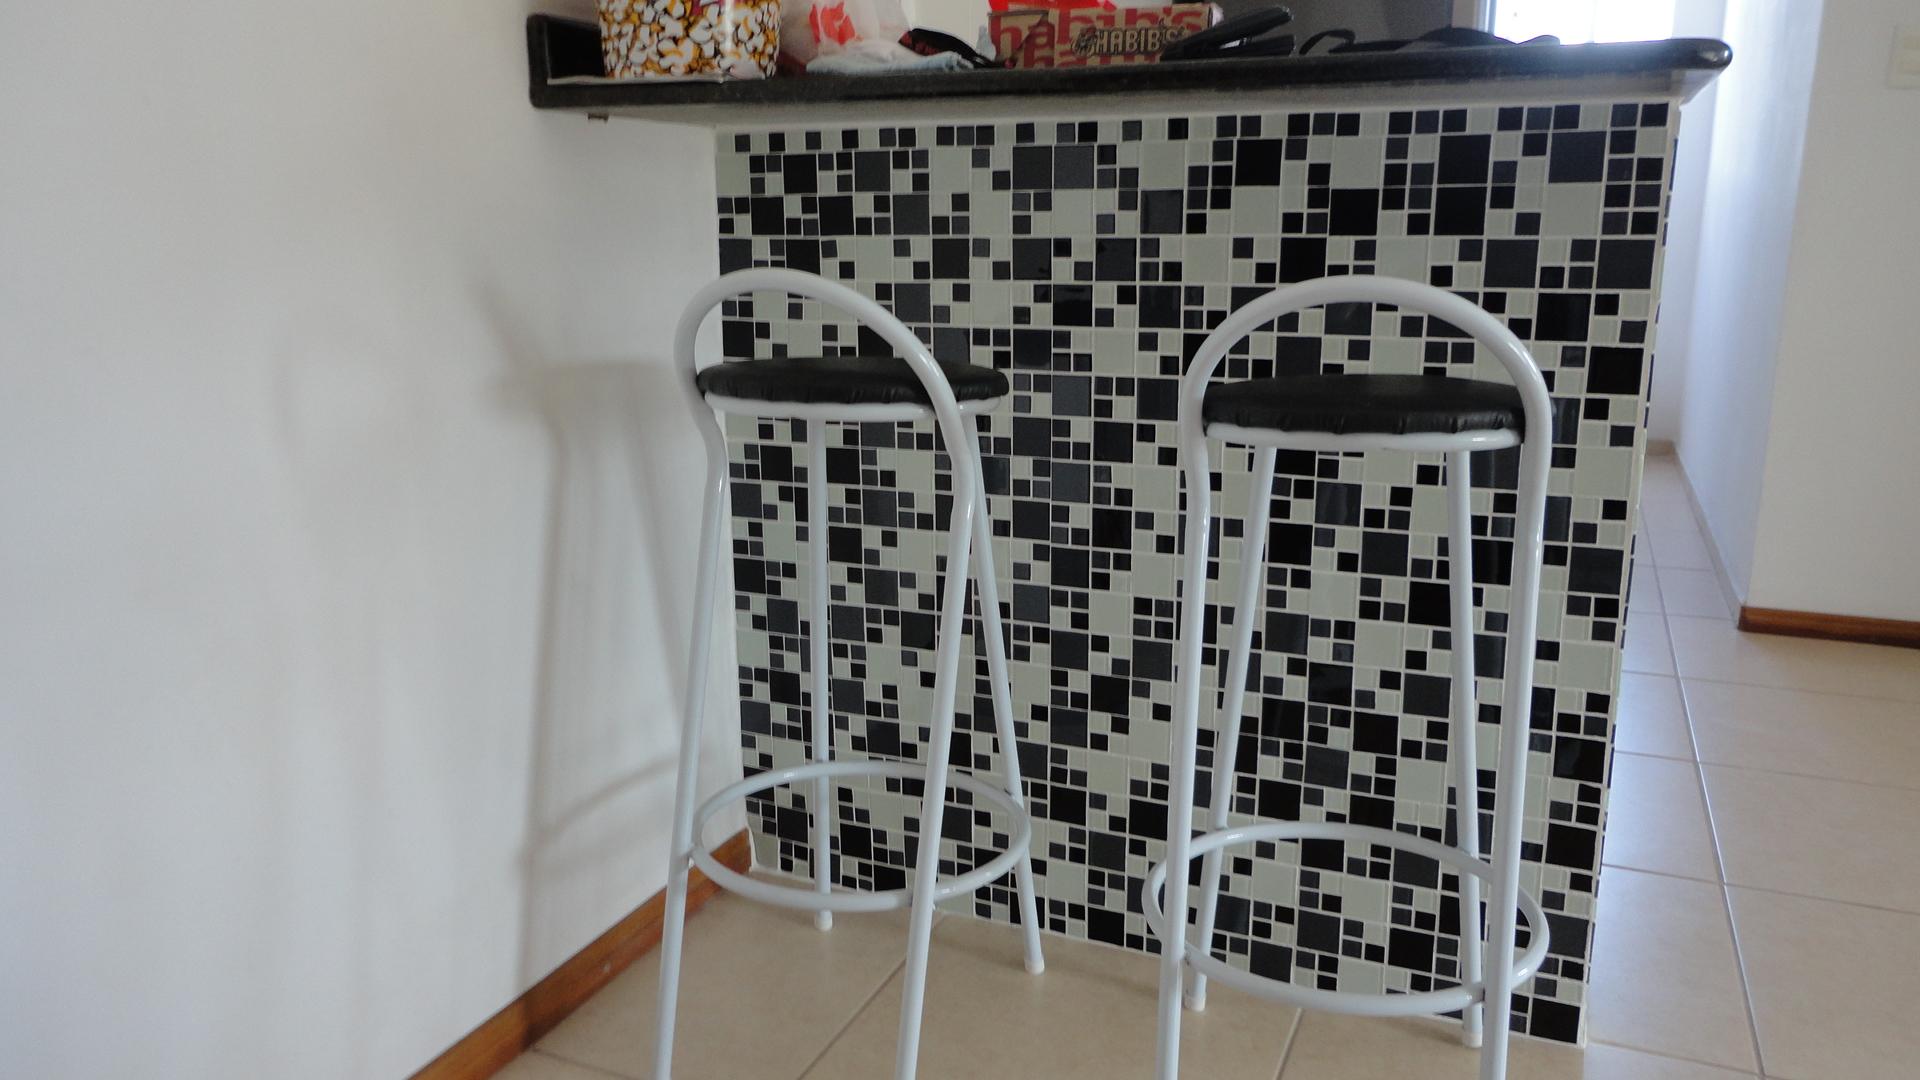 da foto: www.sefossenaminhacasa.com.br Cozinha com Pastilhas de Vidro #6A402C 1920 1080